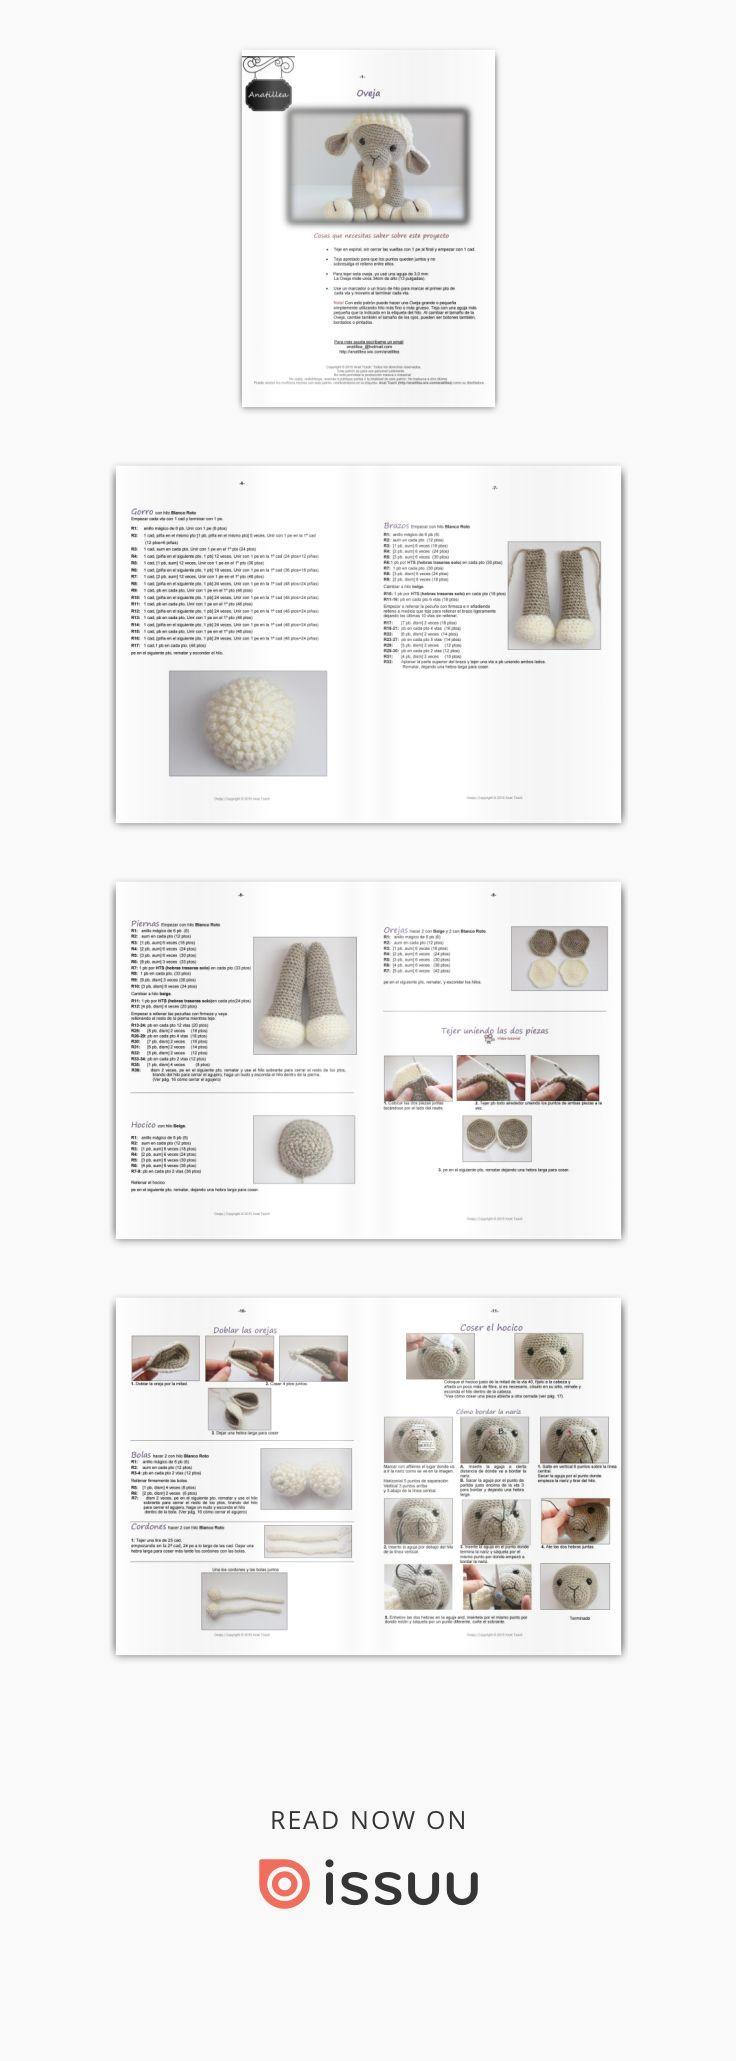 Amigurumi oveja | amigurumi | Pinterest | Amigurumi, Ganchillo y Croché